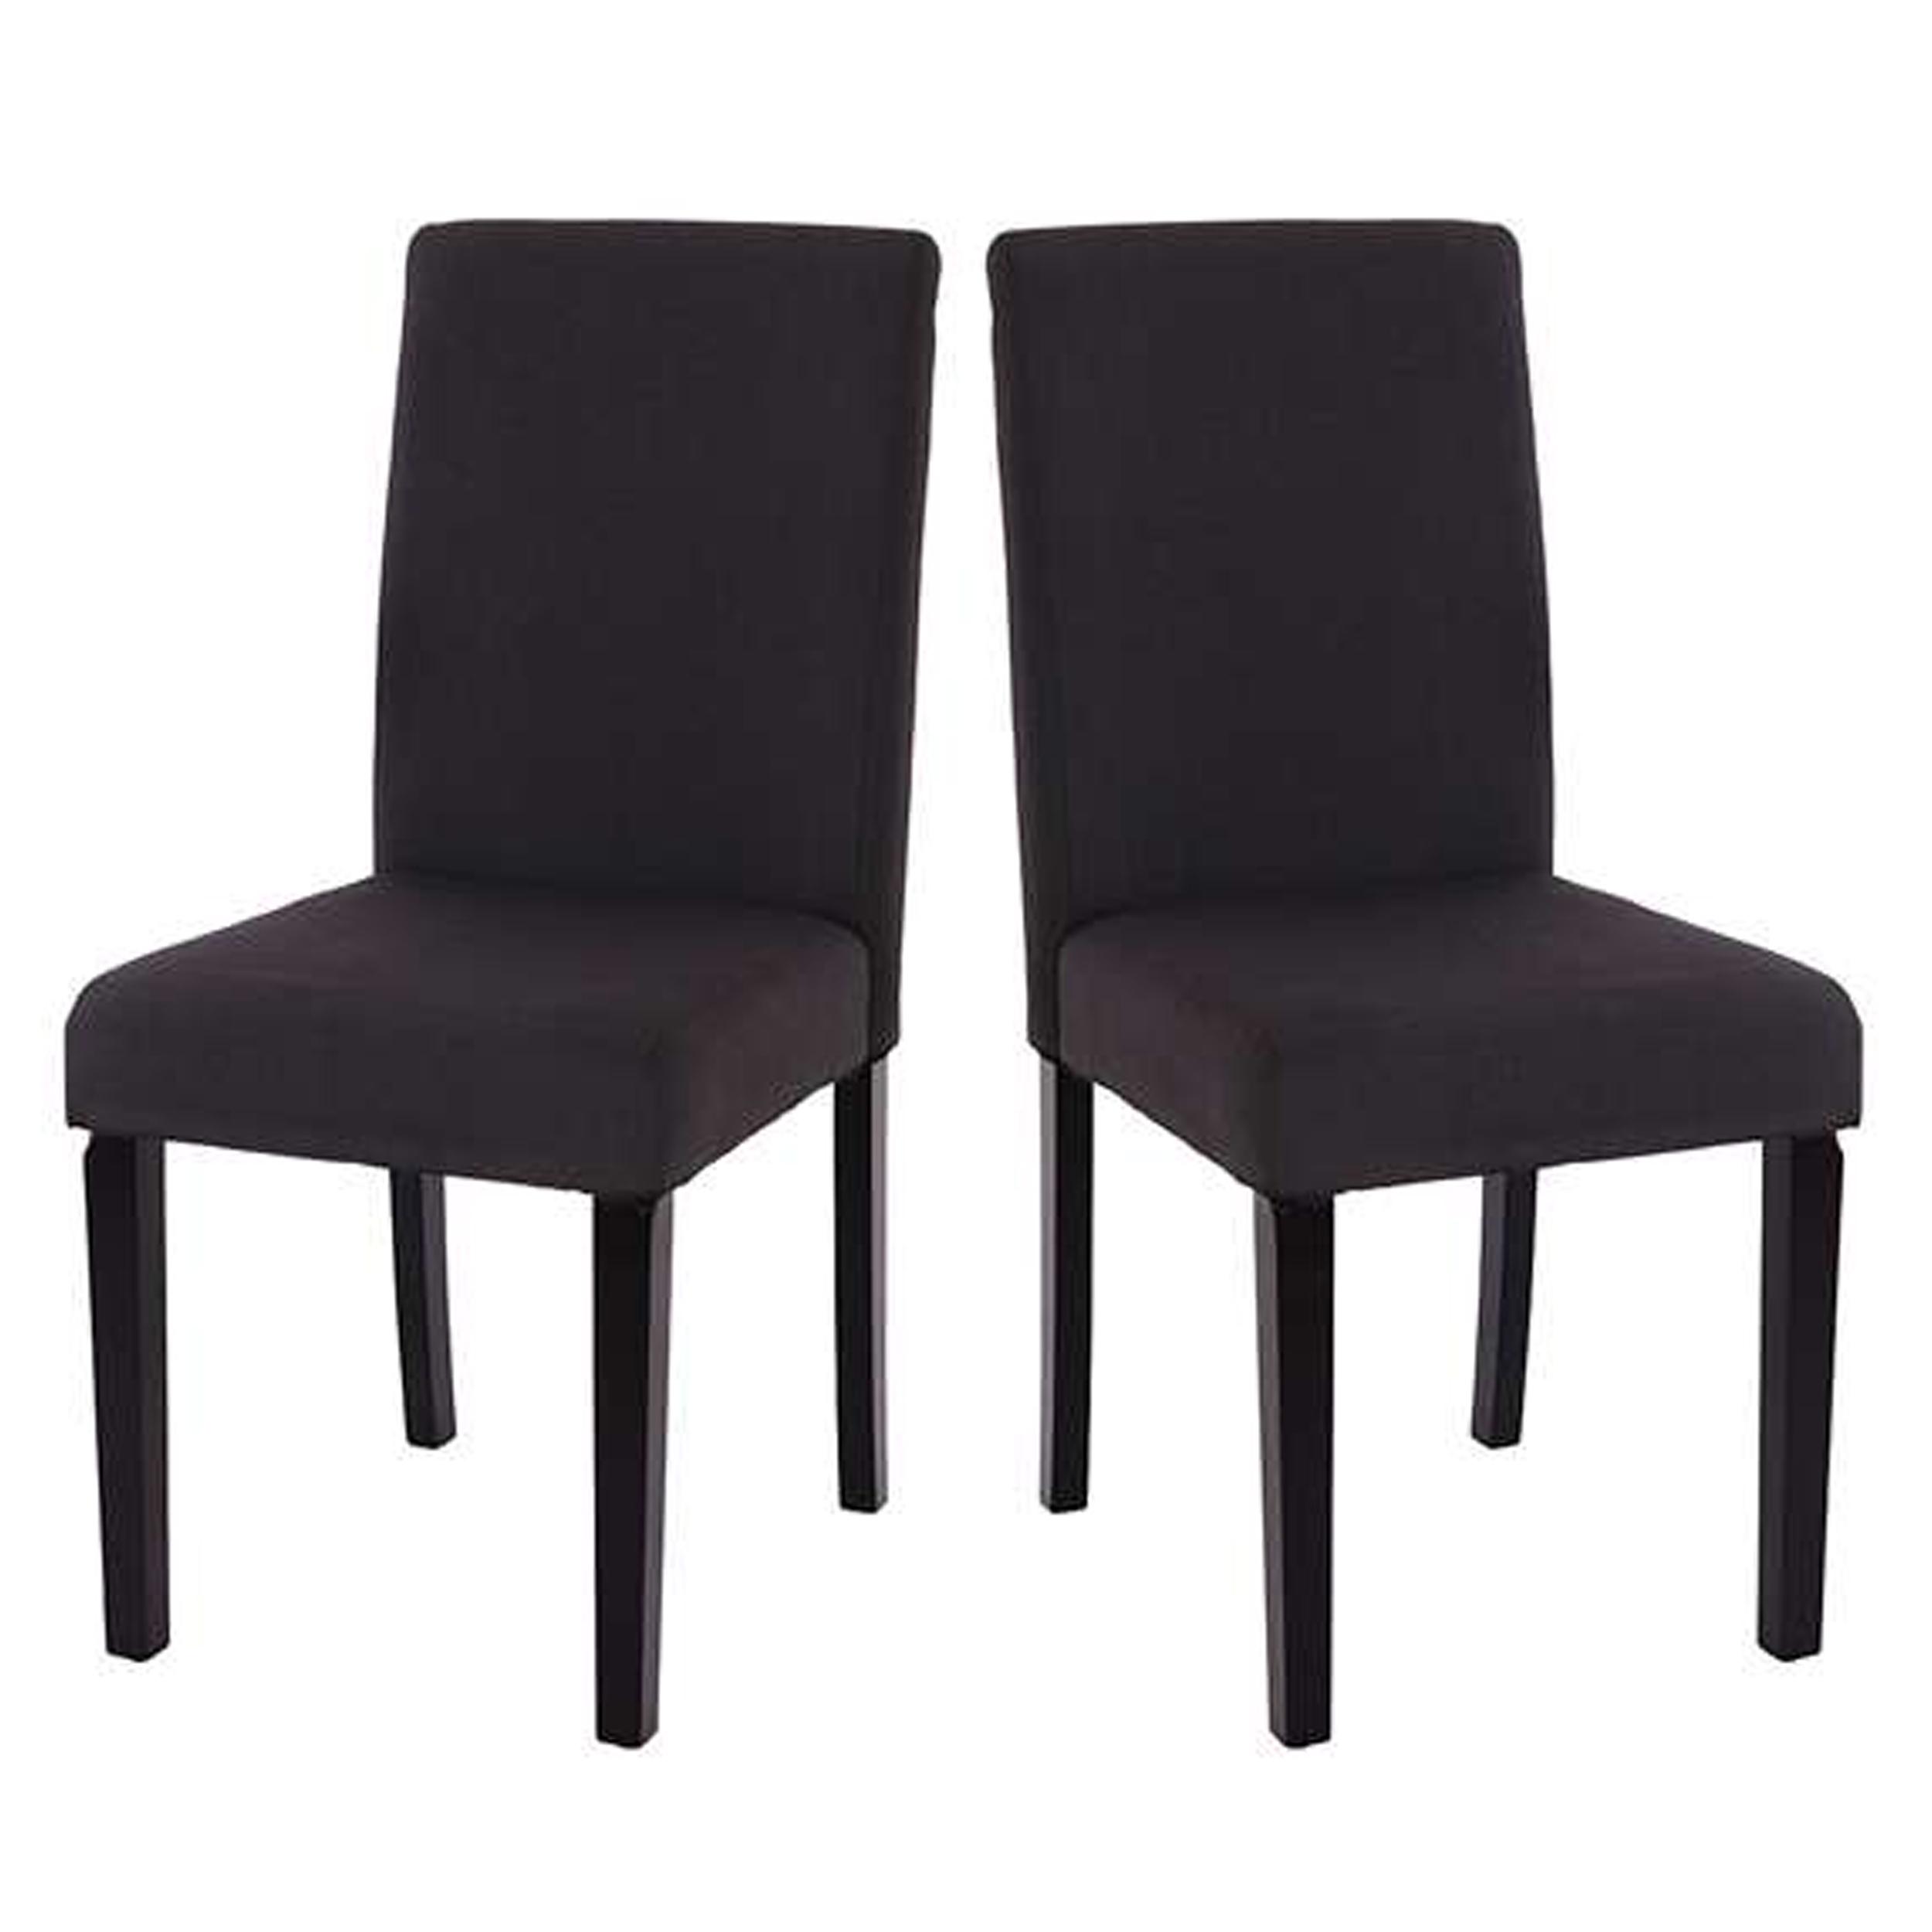 Las mejores sillas tapizadas para el comedor for Sillas bonitas y baratas